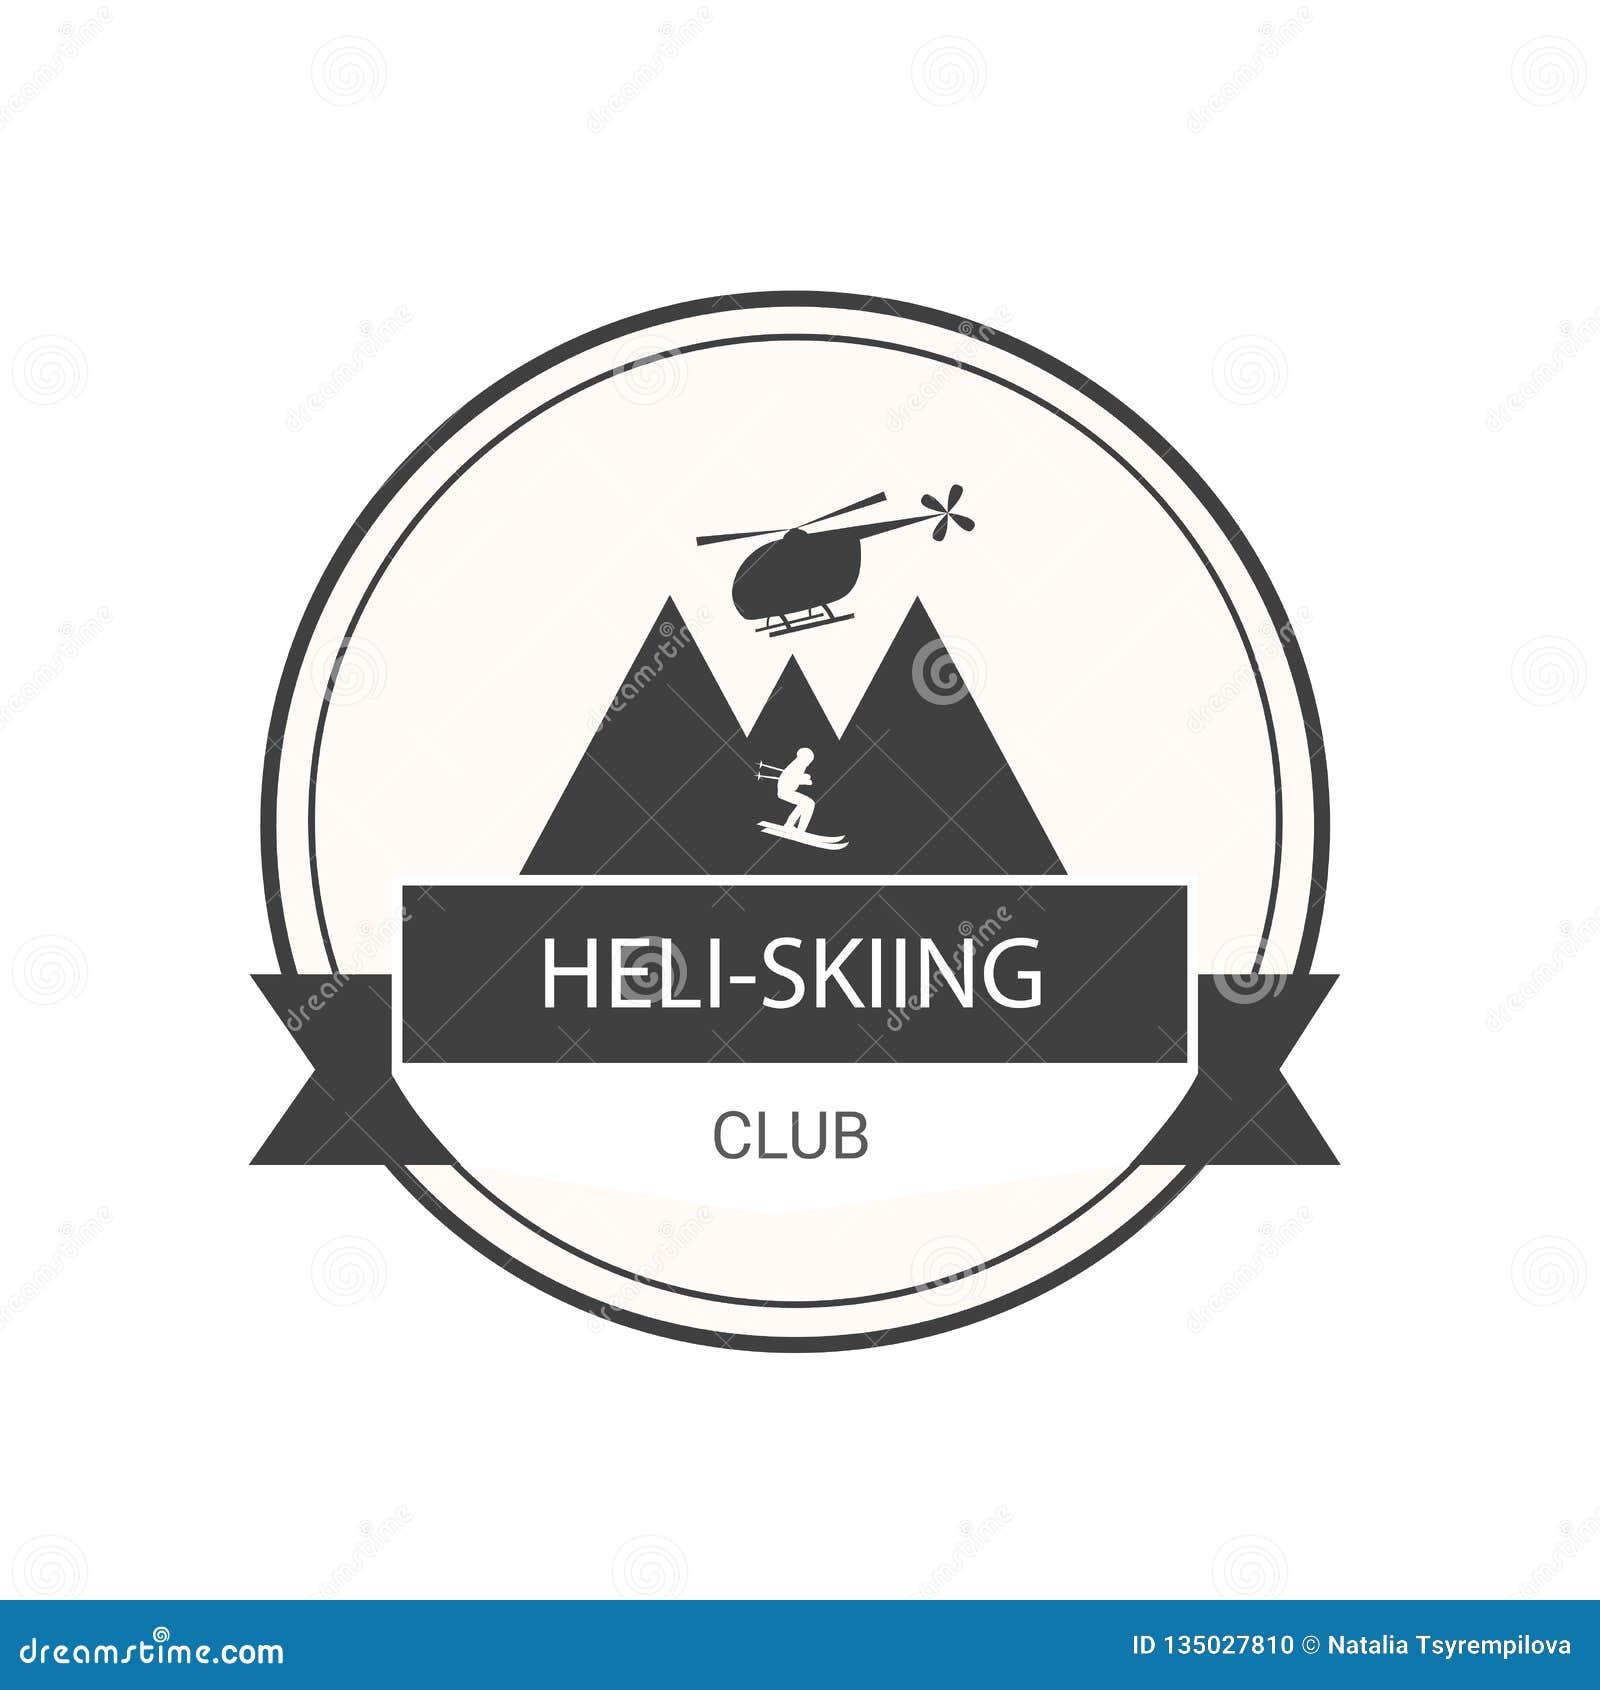 Embleem voor heli-Ski?ende club met helikopter, bergen en skiër